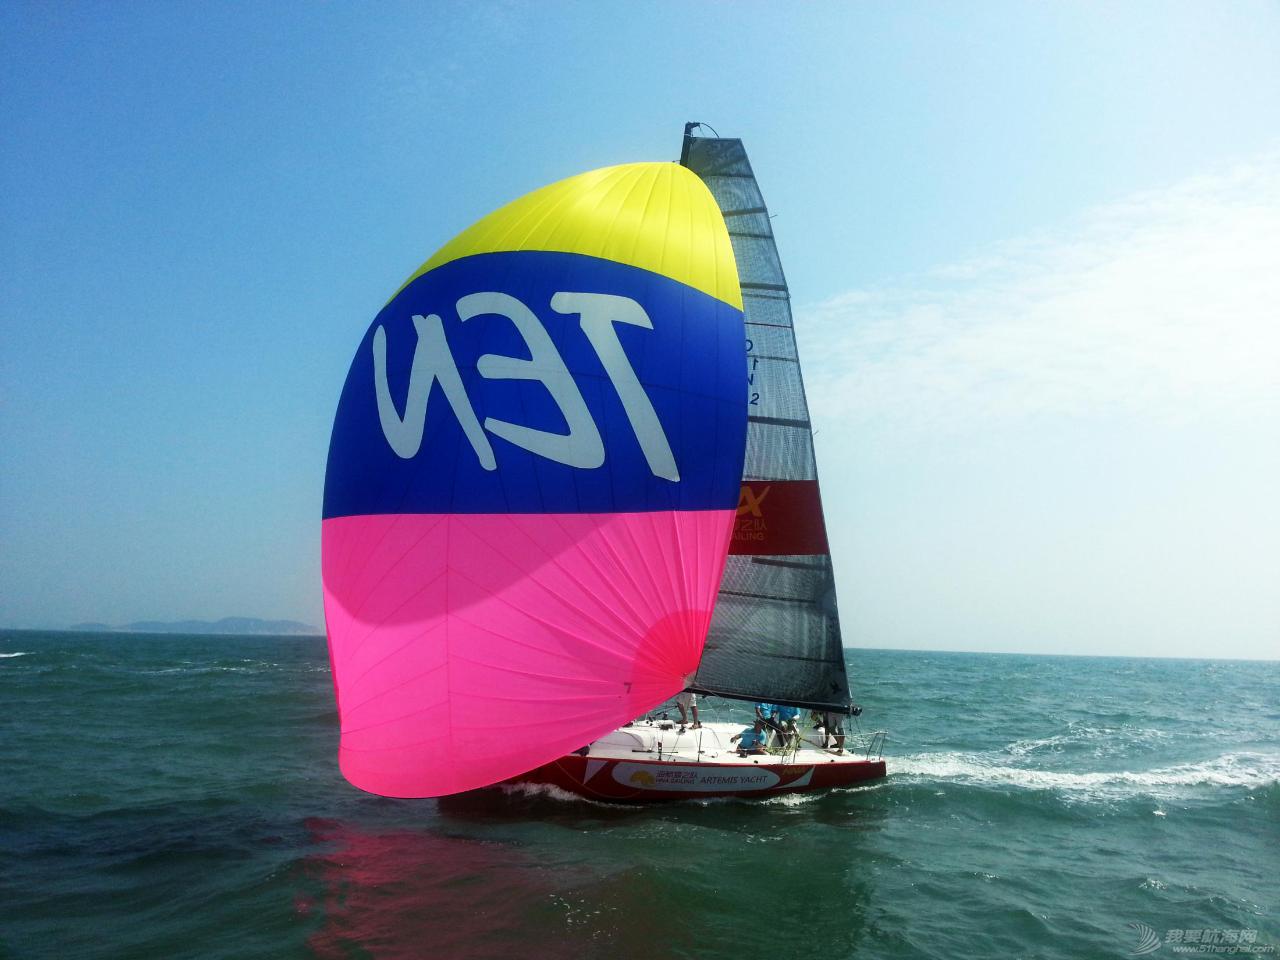 拓恩杯大连企业帆船赛|赛事指南 031e4908f457f51f001c1557232071a0.png